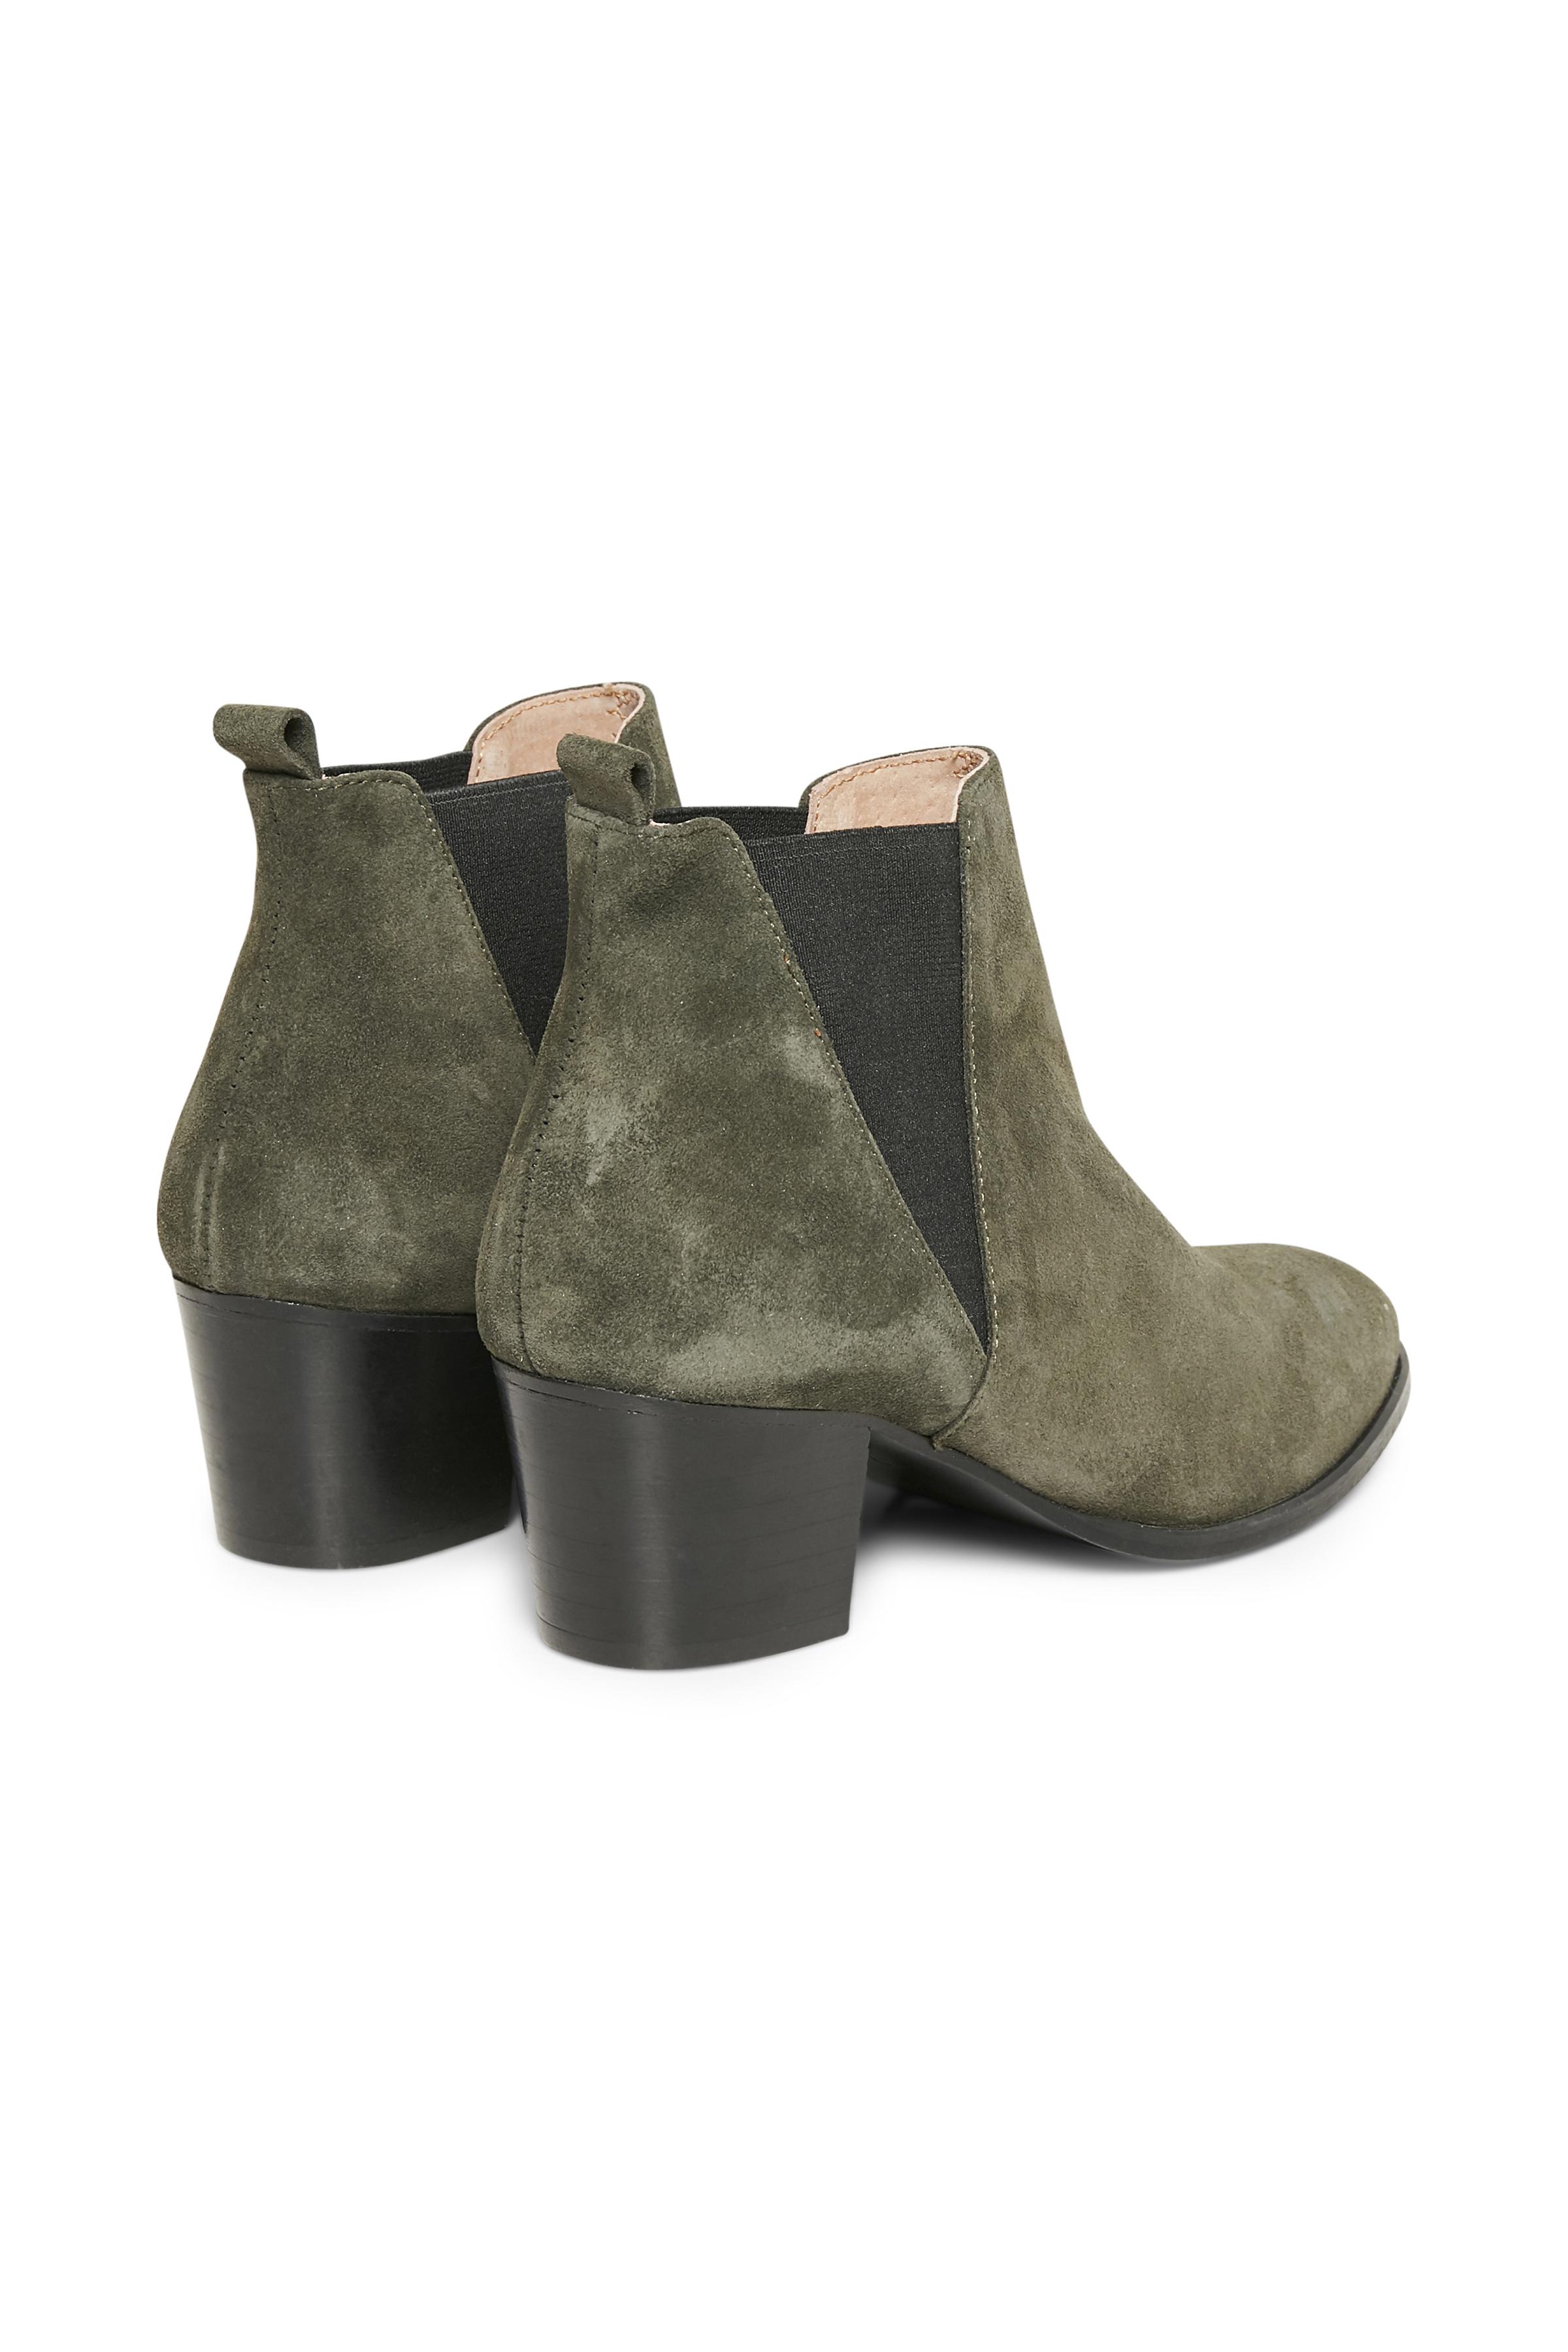 Oliv Stiefel von Cream Accessories – Shoppen Sie Oliv Stiefel ab Gr. 36-41 hier